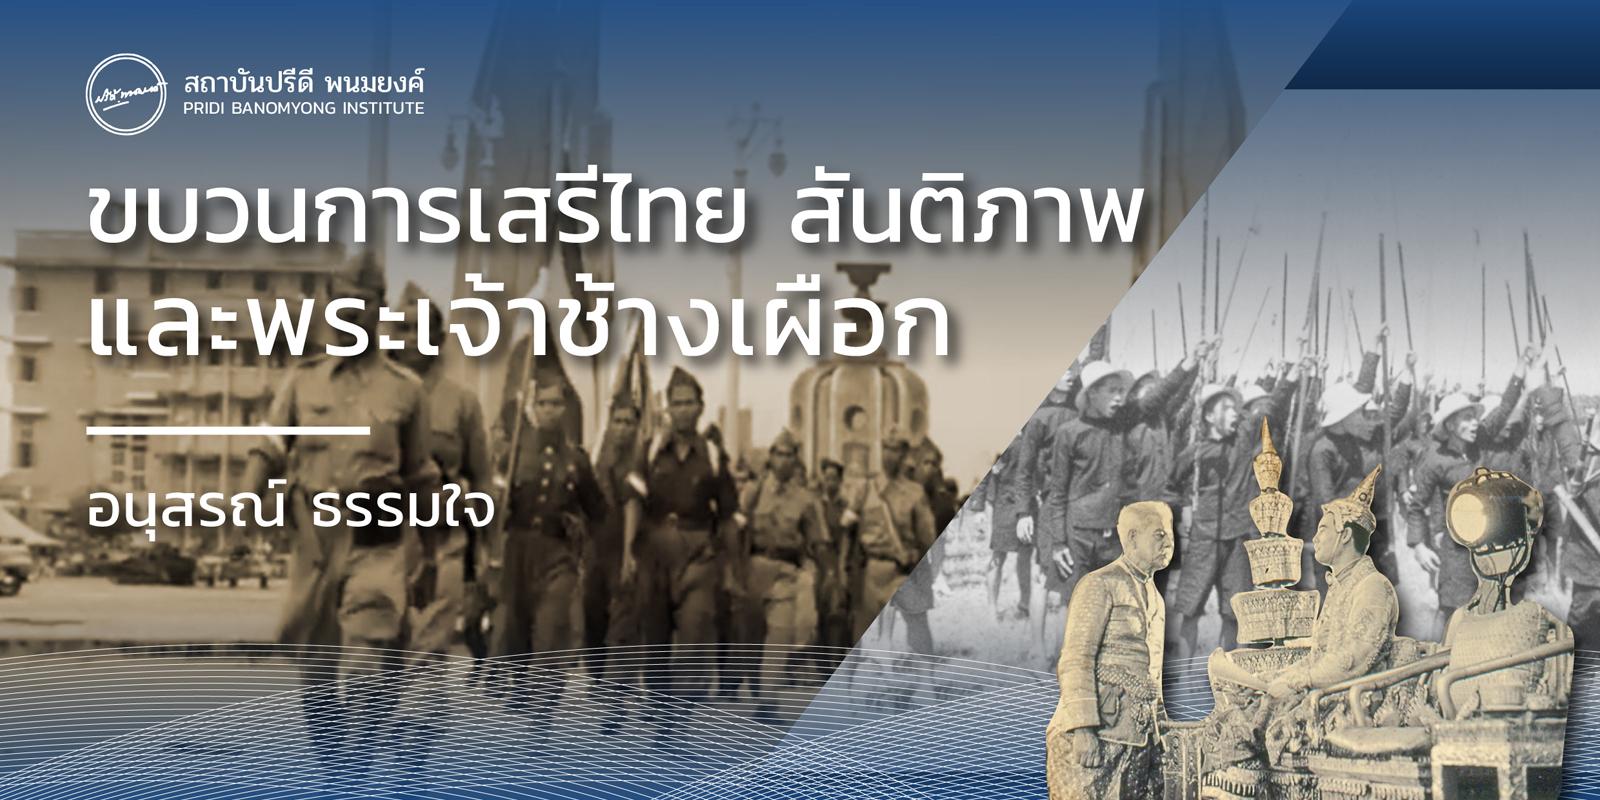 ขบวนการเสรีไทย สันติภาพ และ พระเจ้าช้างเผือก